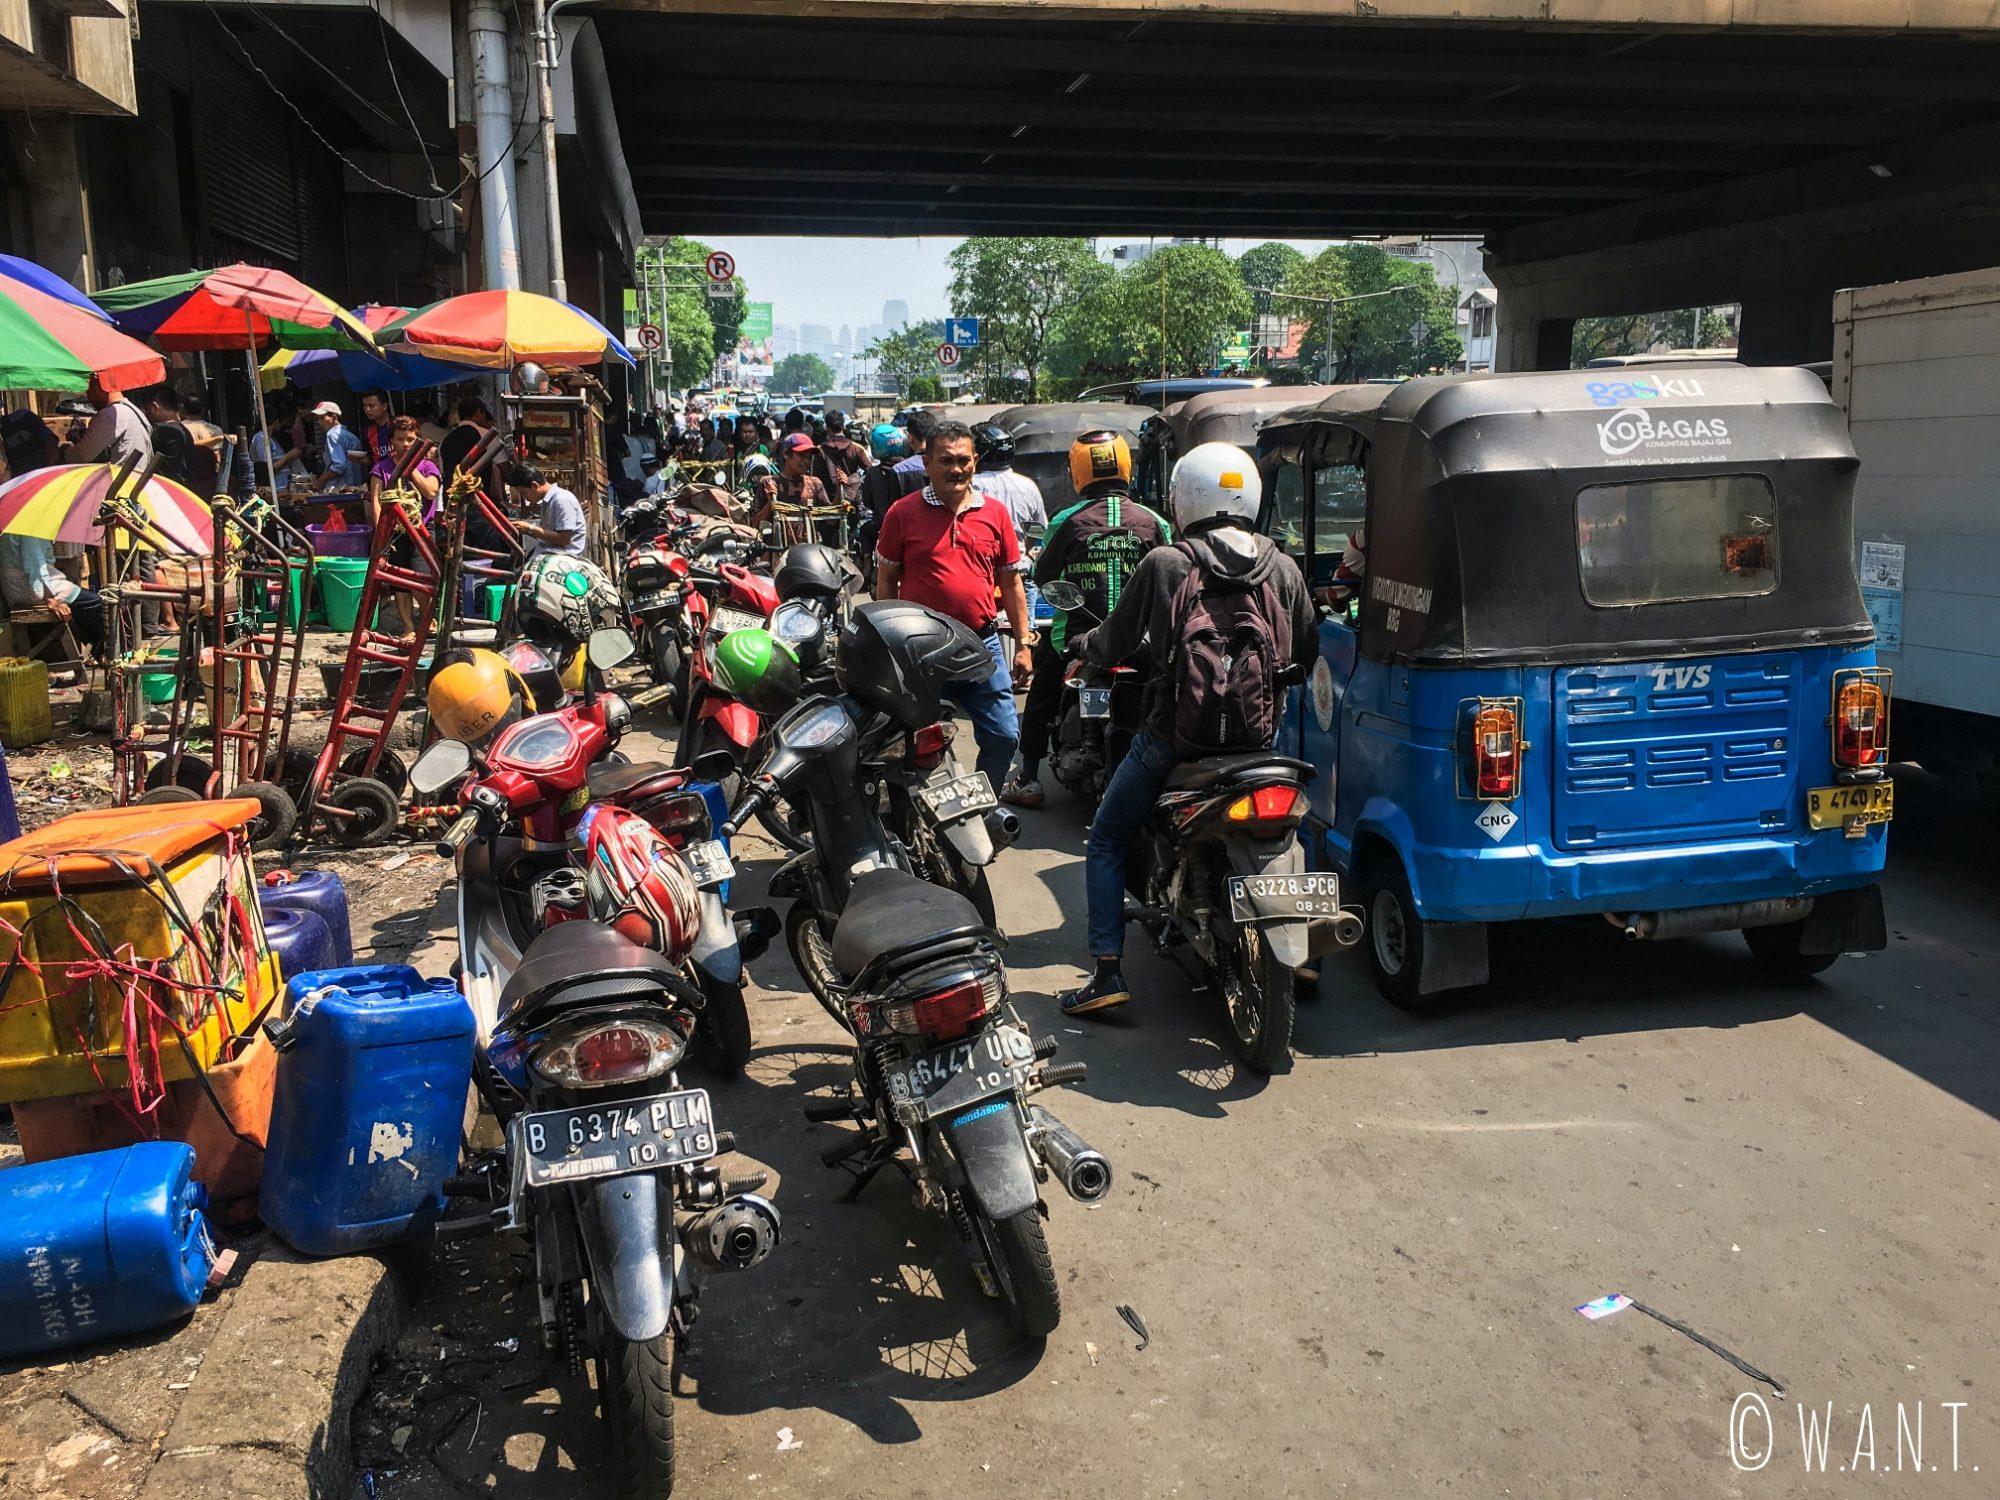 Les rues de Jakarta sont bondées